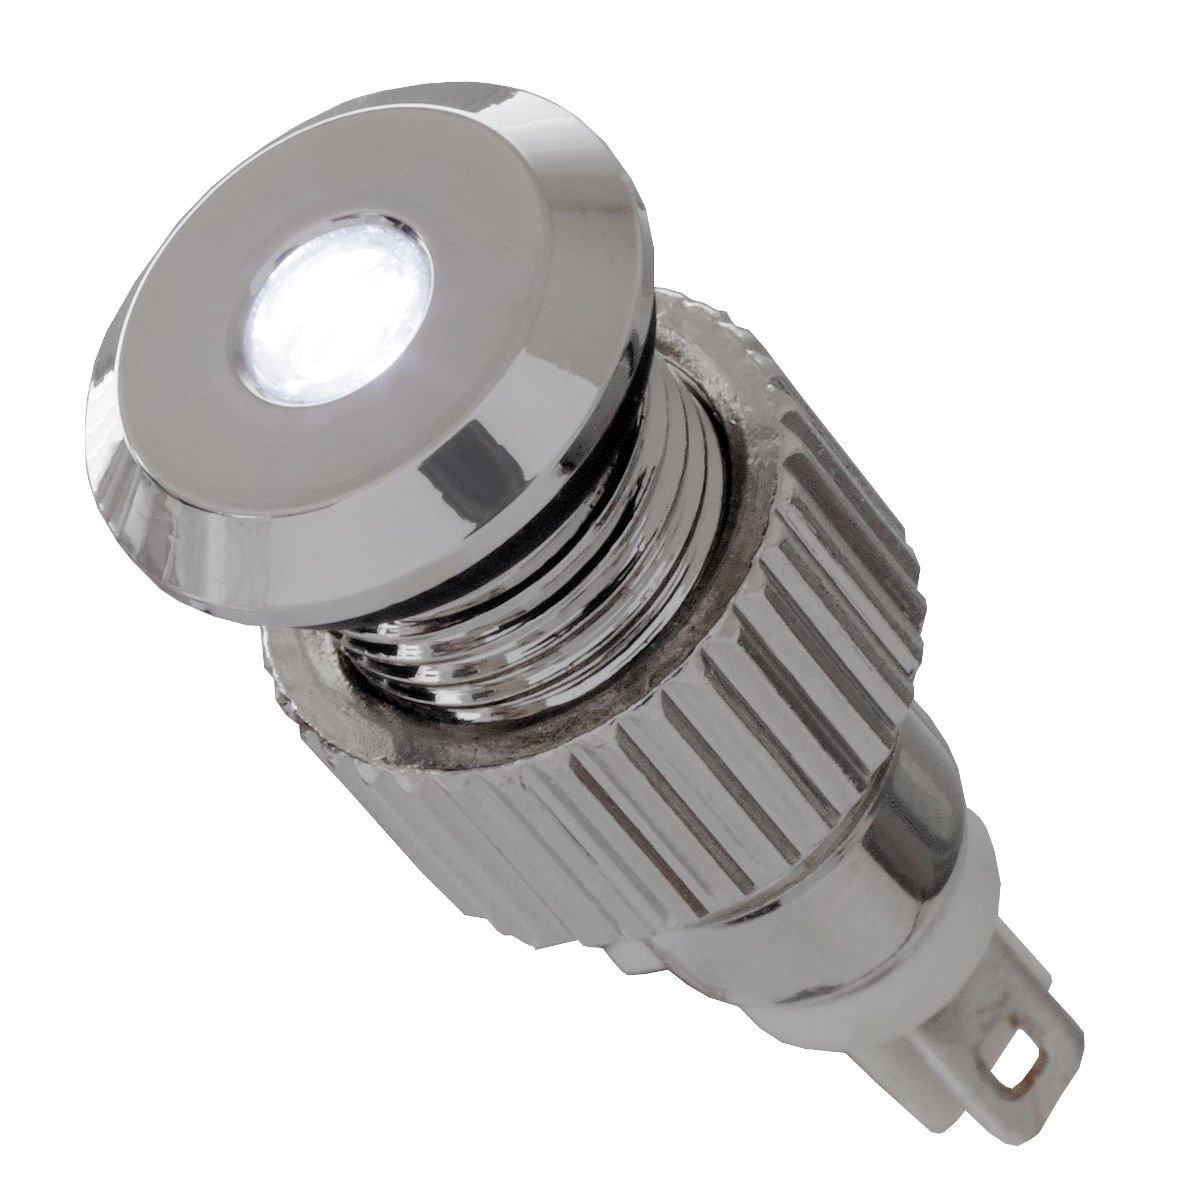 12V LED Signalleuchte IP67 weiß mit 8mm Metallfassung Signallampe Meldeleuchte Kontrollleuchte Leuchtmelder Signalgeber Daier